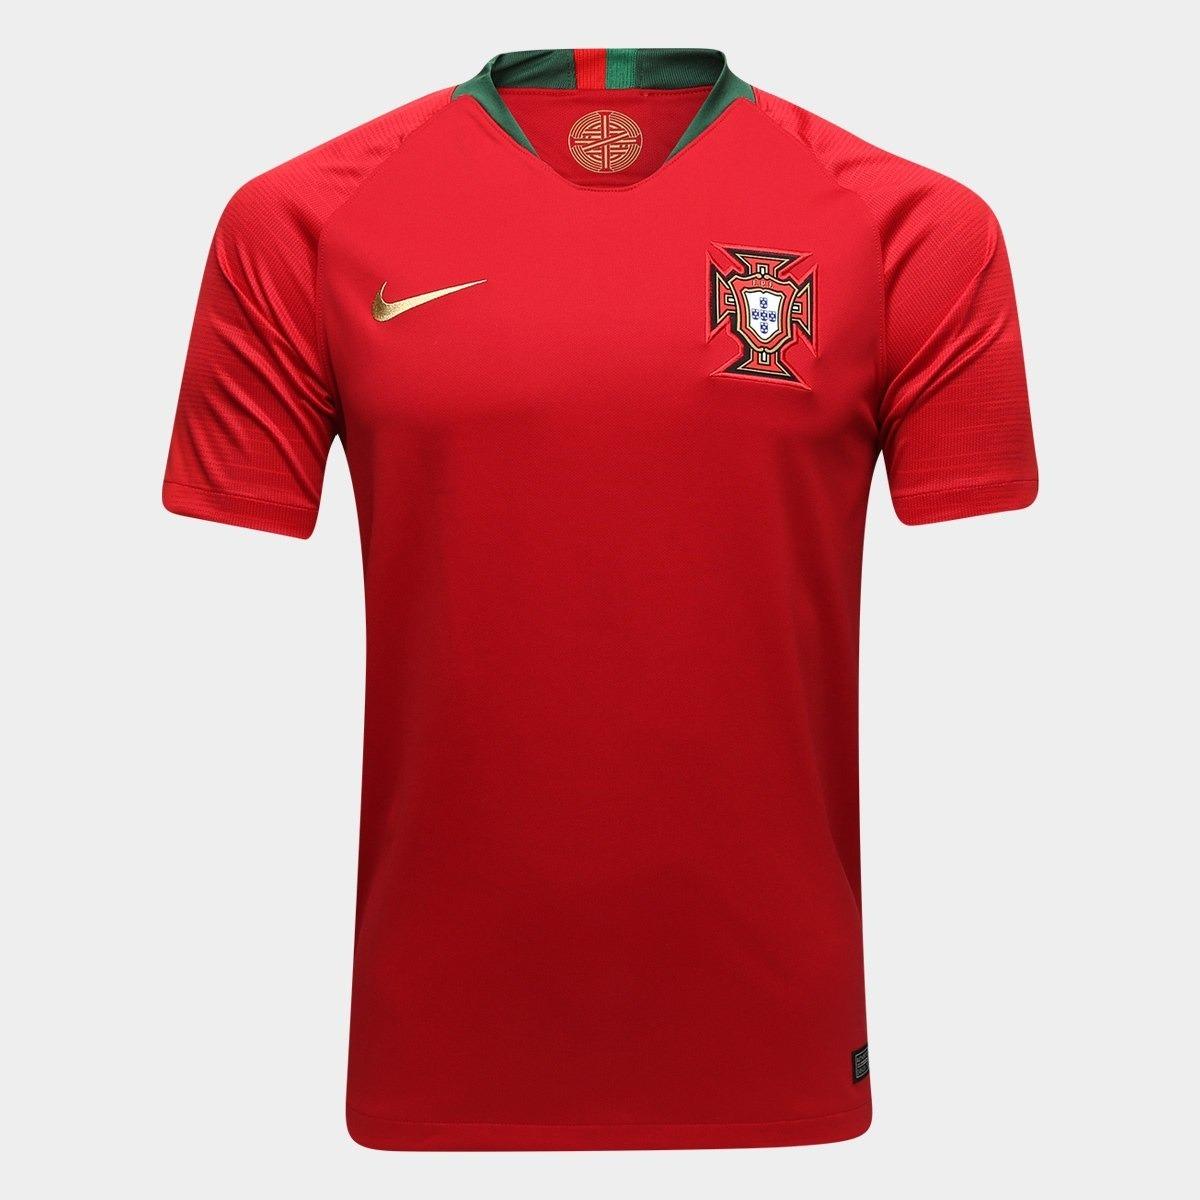 185b01e7a8 camisa seleção portugal 7 ronaldo. Carregando zoom.